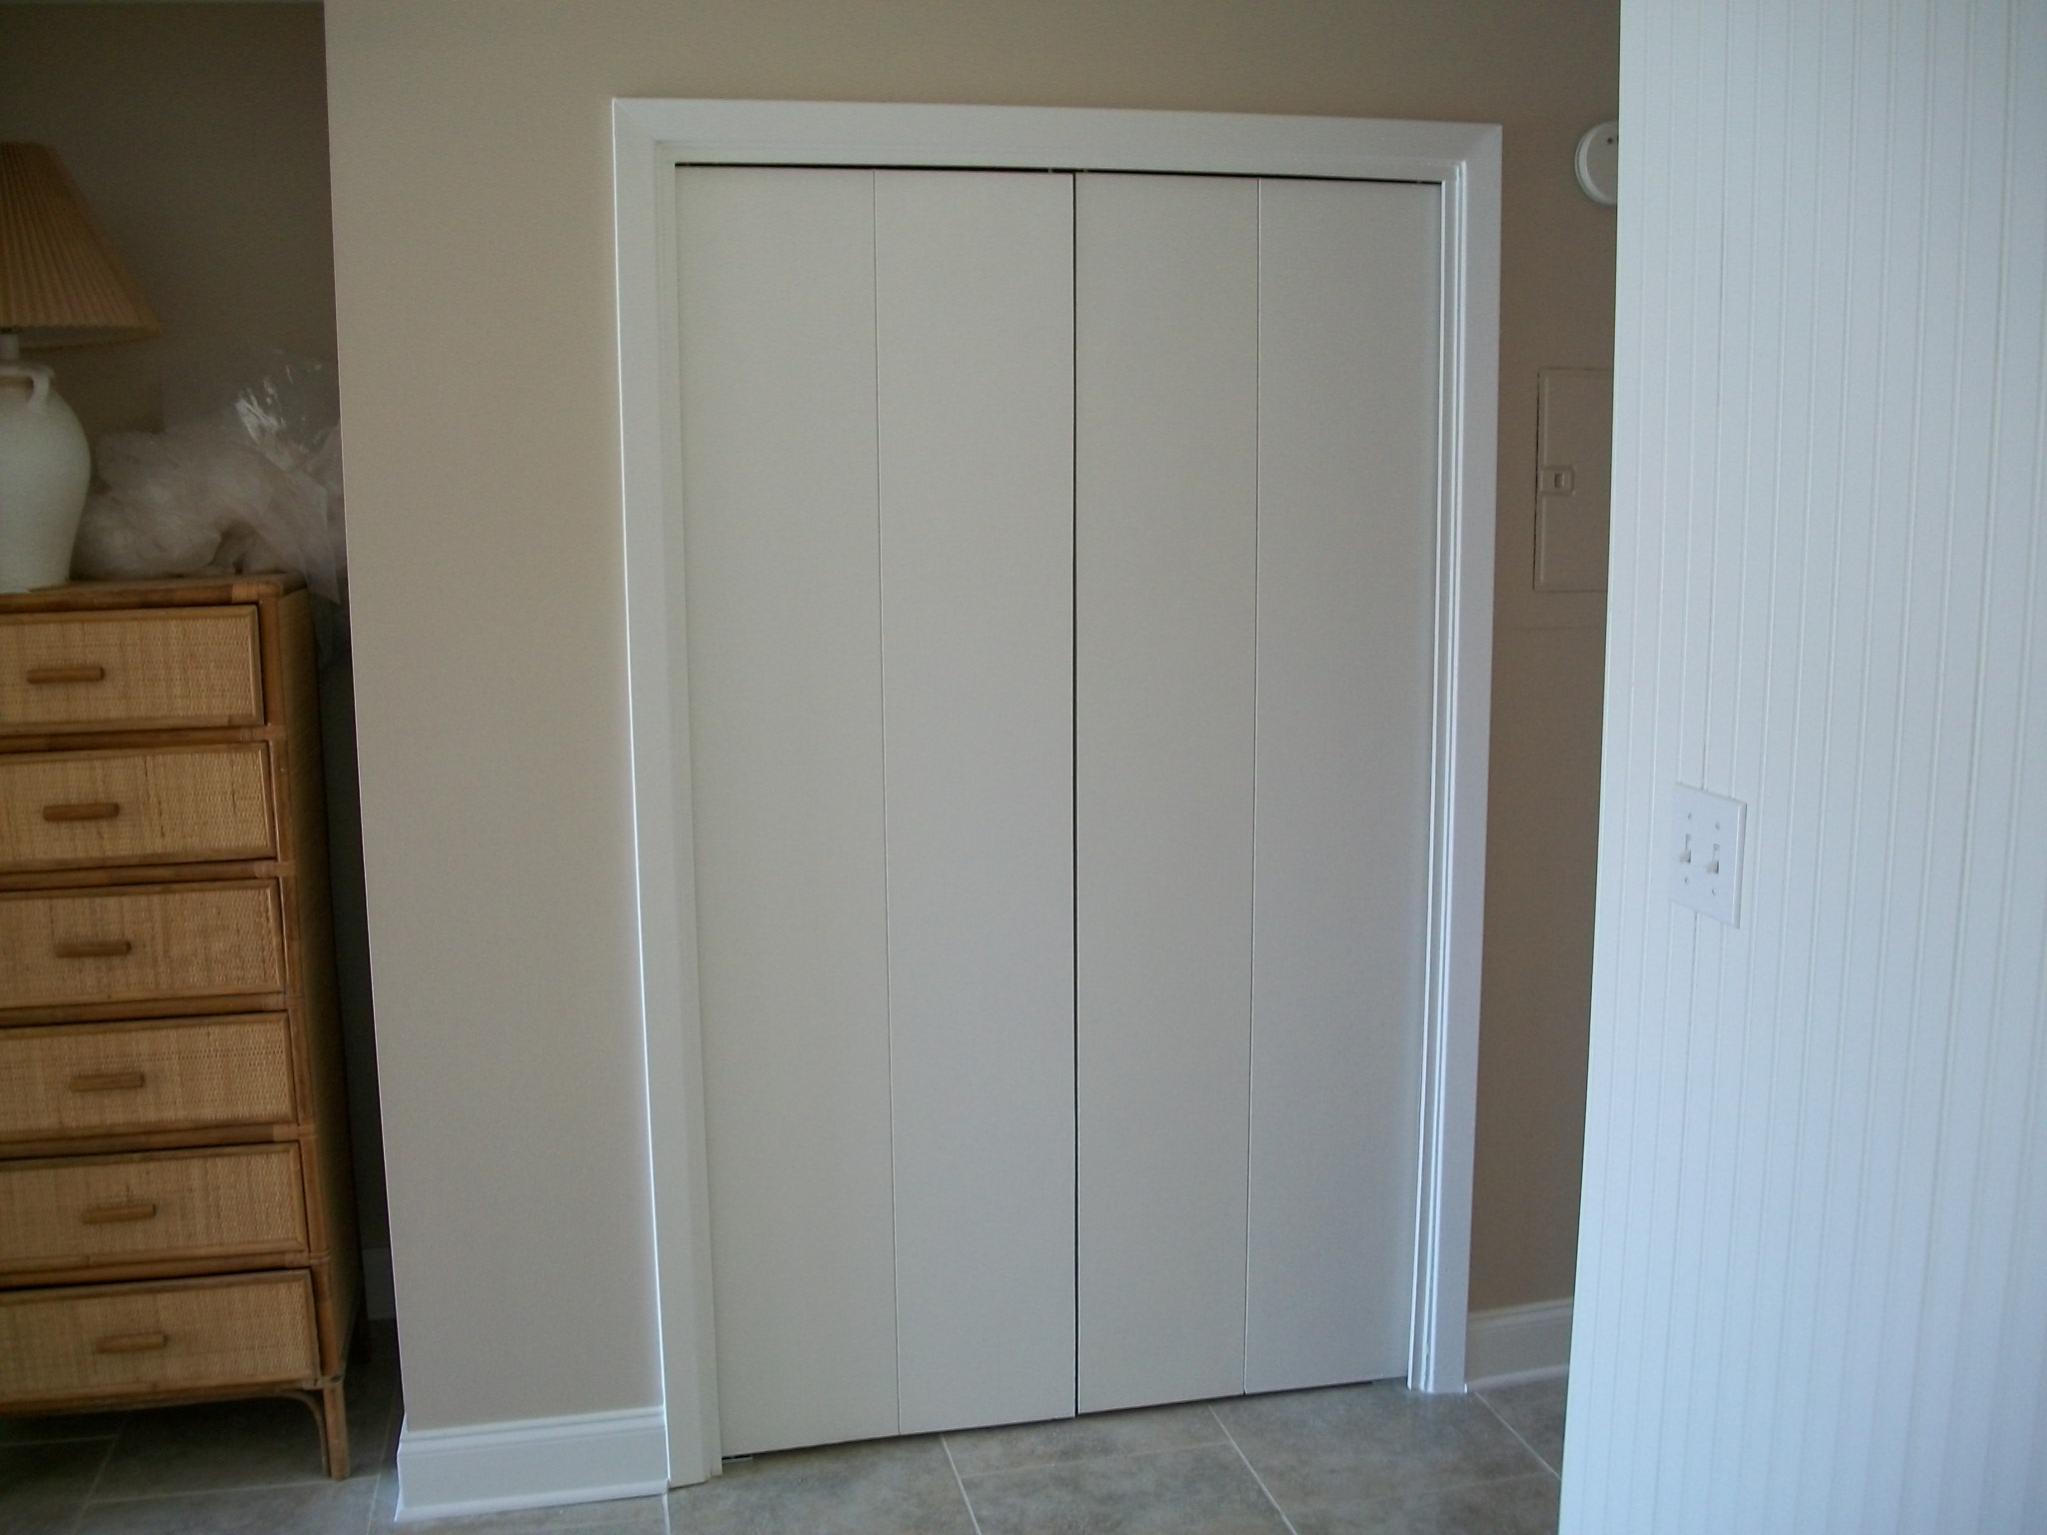 Drywalled Closet Door Openings 100 0311 Jpg